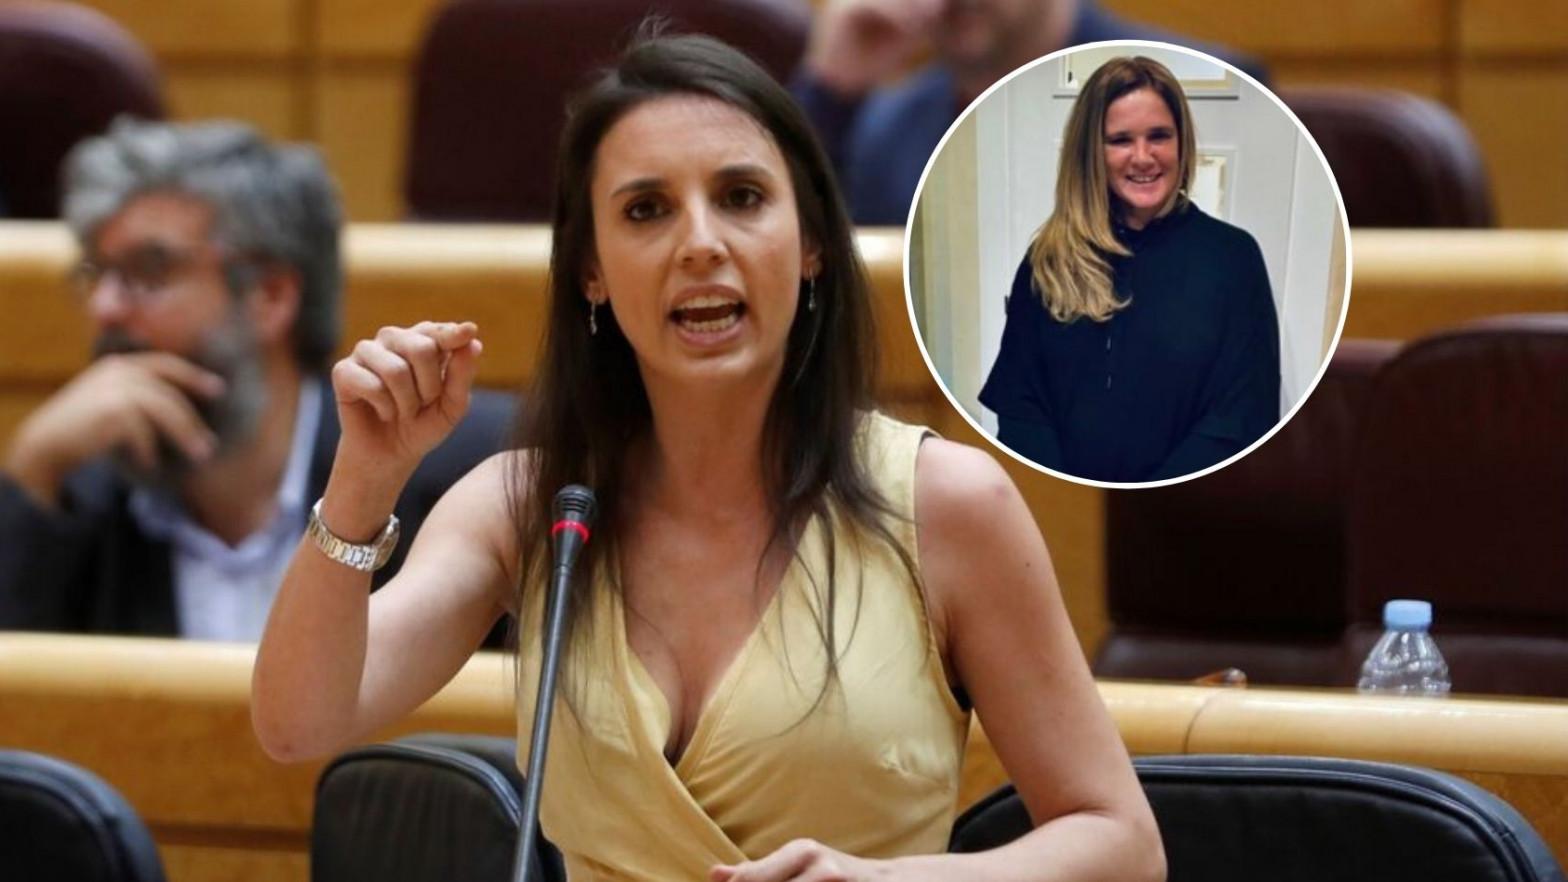 La hermana de Olga Moreno estalla contra Irene Montero